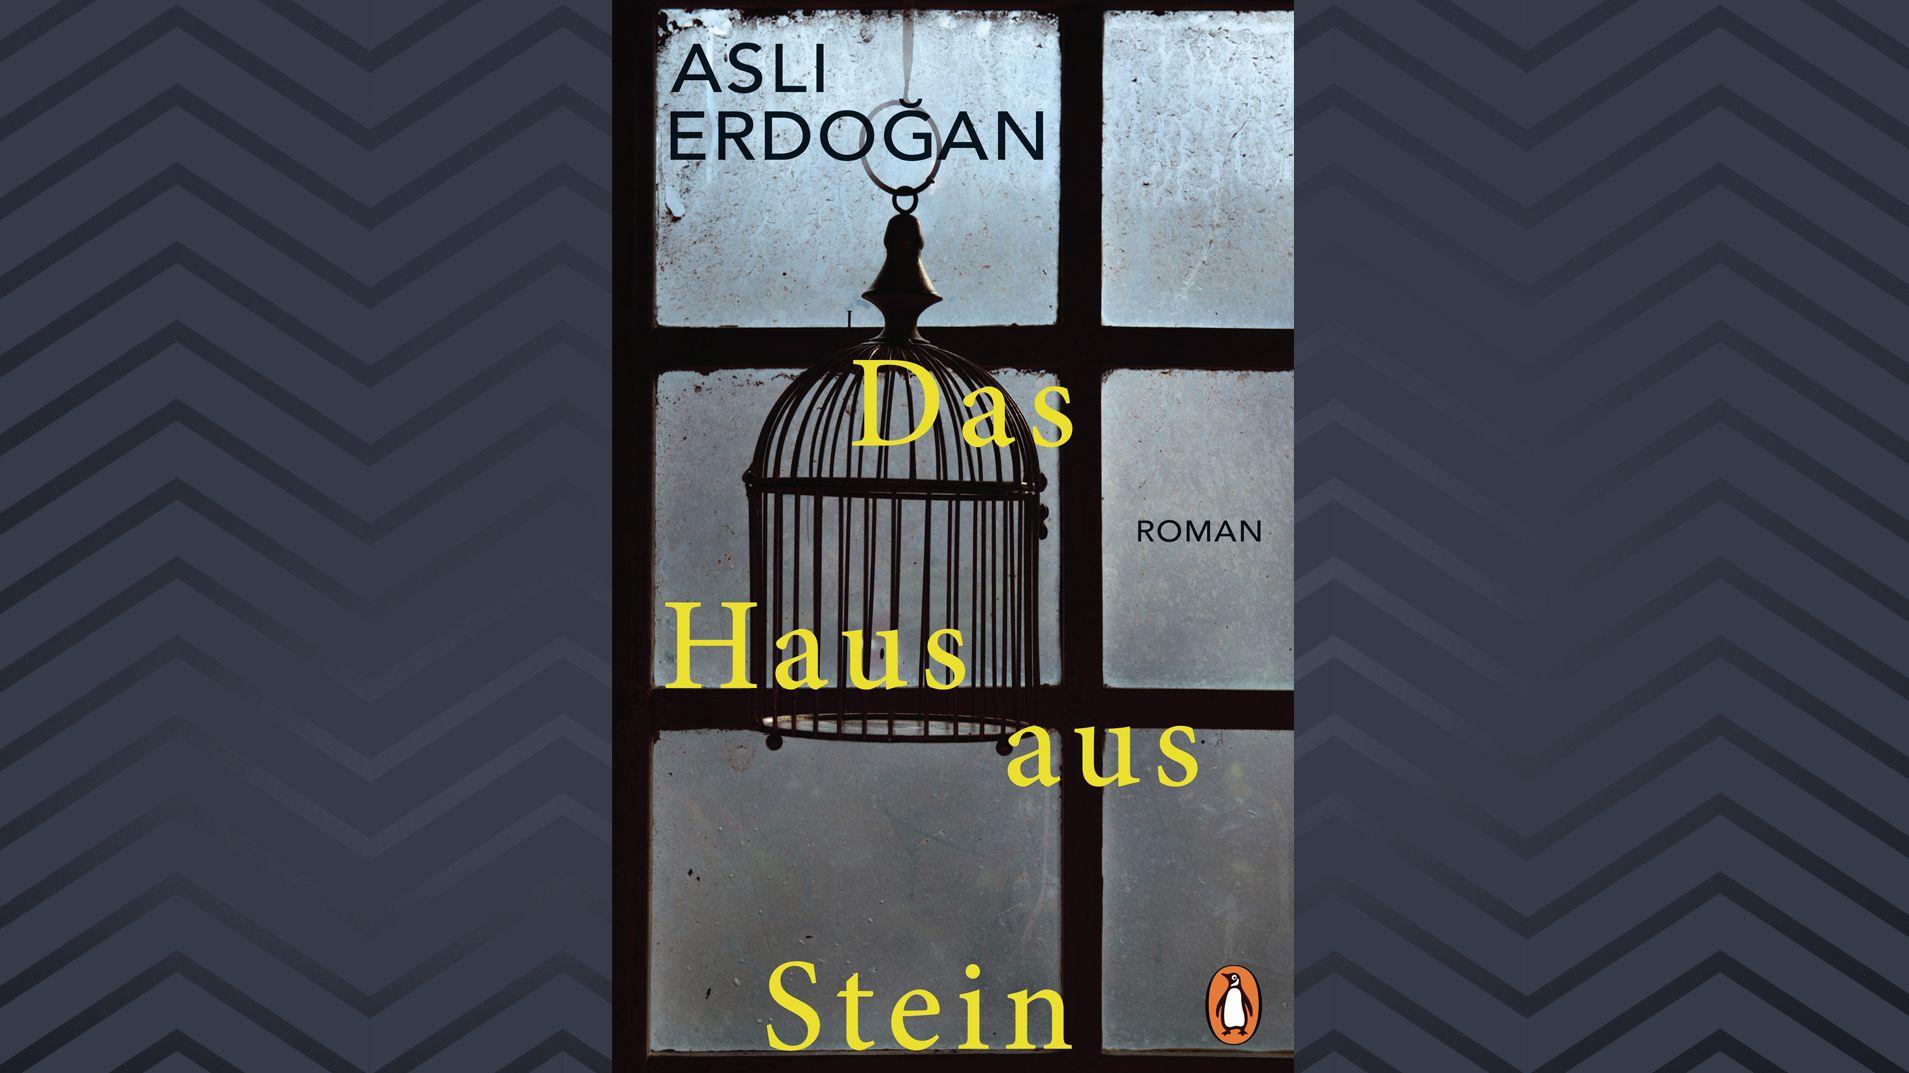 """Buchcover """"Das Haus aus Stein"""" von Aslı Erdoğan (Vogelkäfig vor einem schmutzigen Fenster)"""